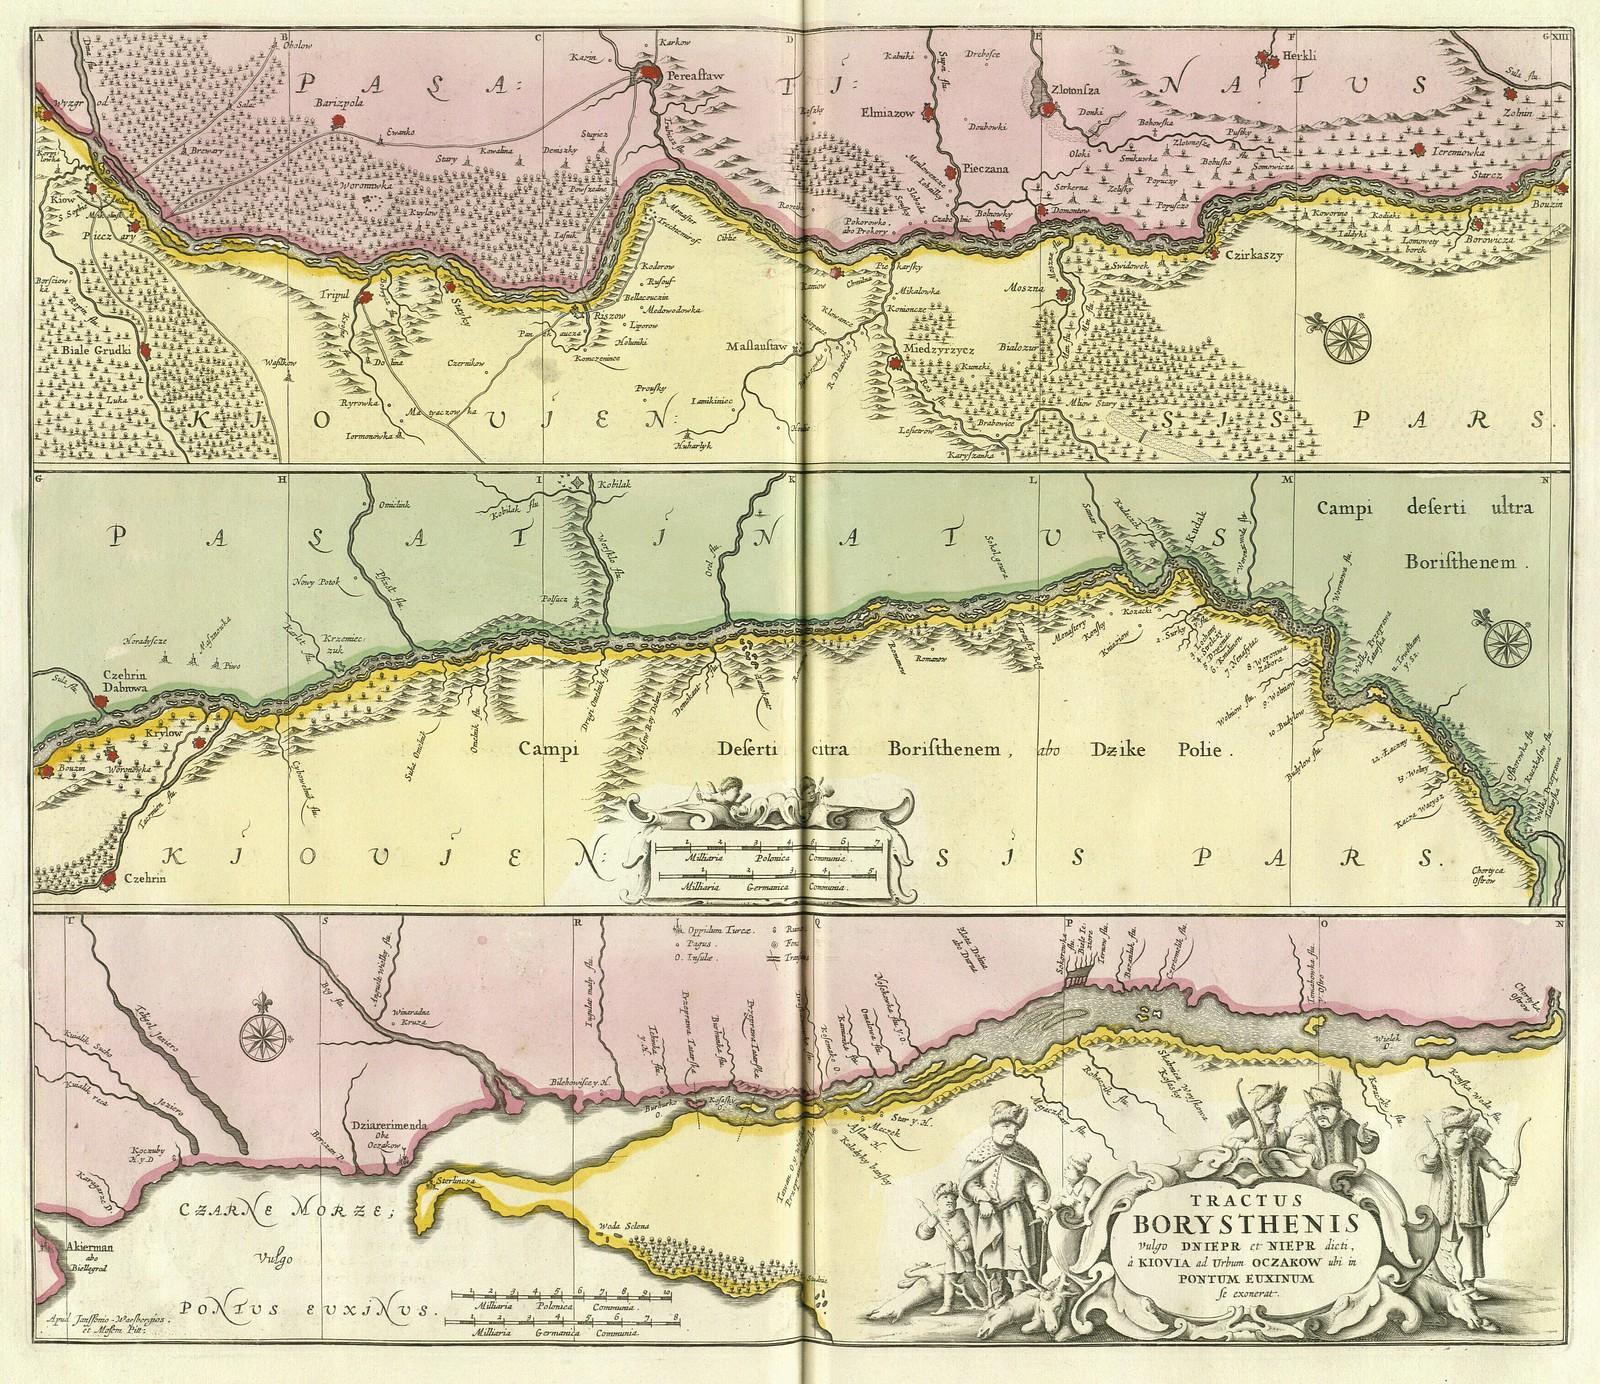 1680. Карта Борисфена (Днепра), от Днепровских порогов до Черного моря